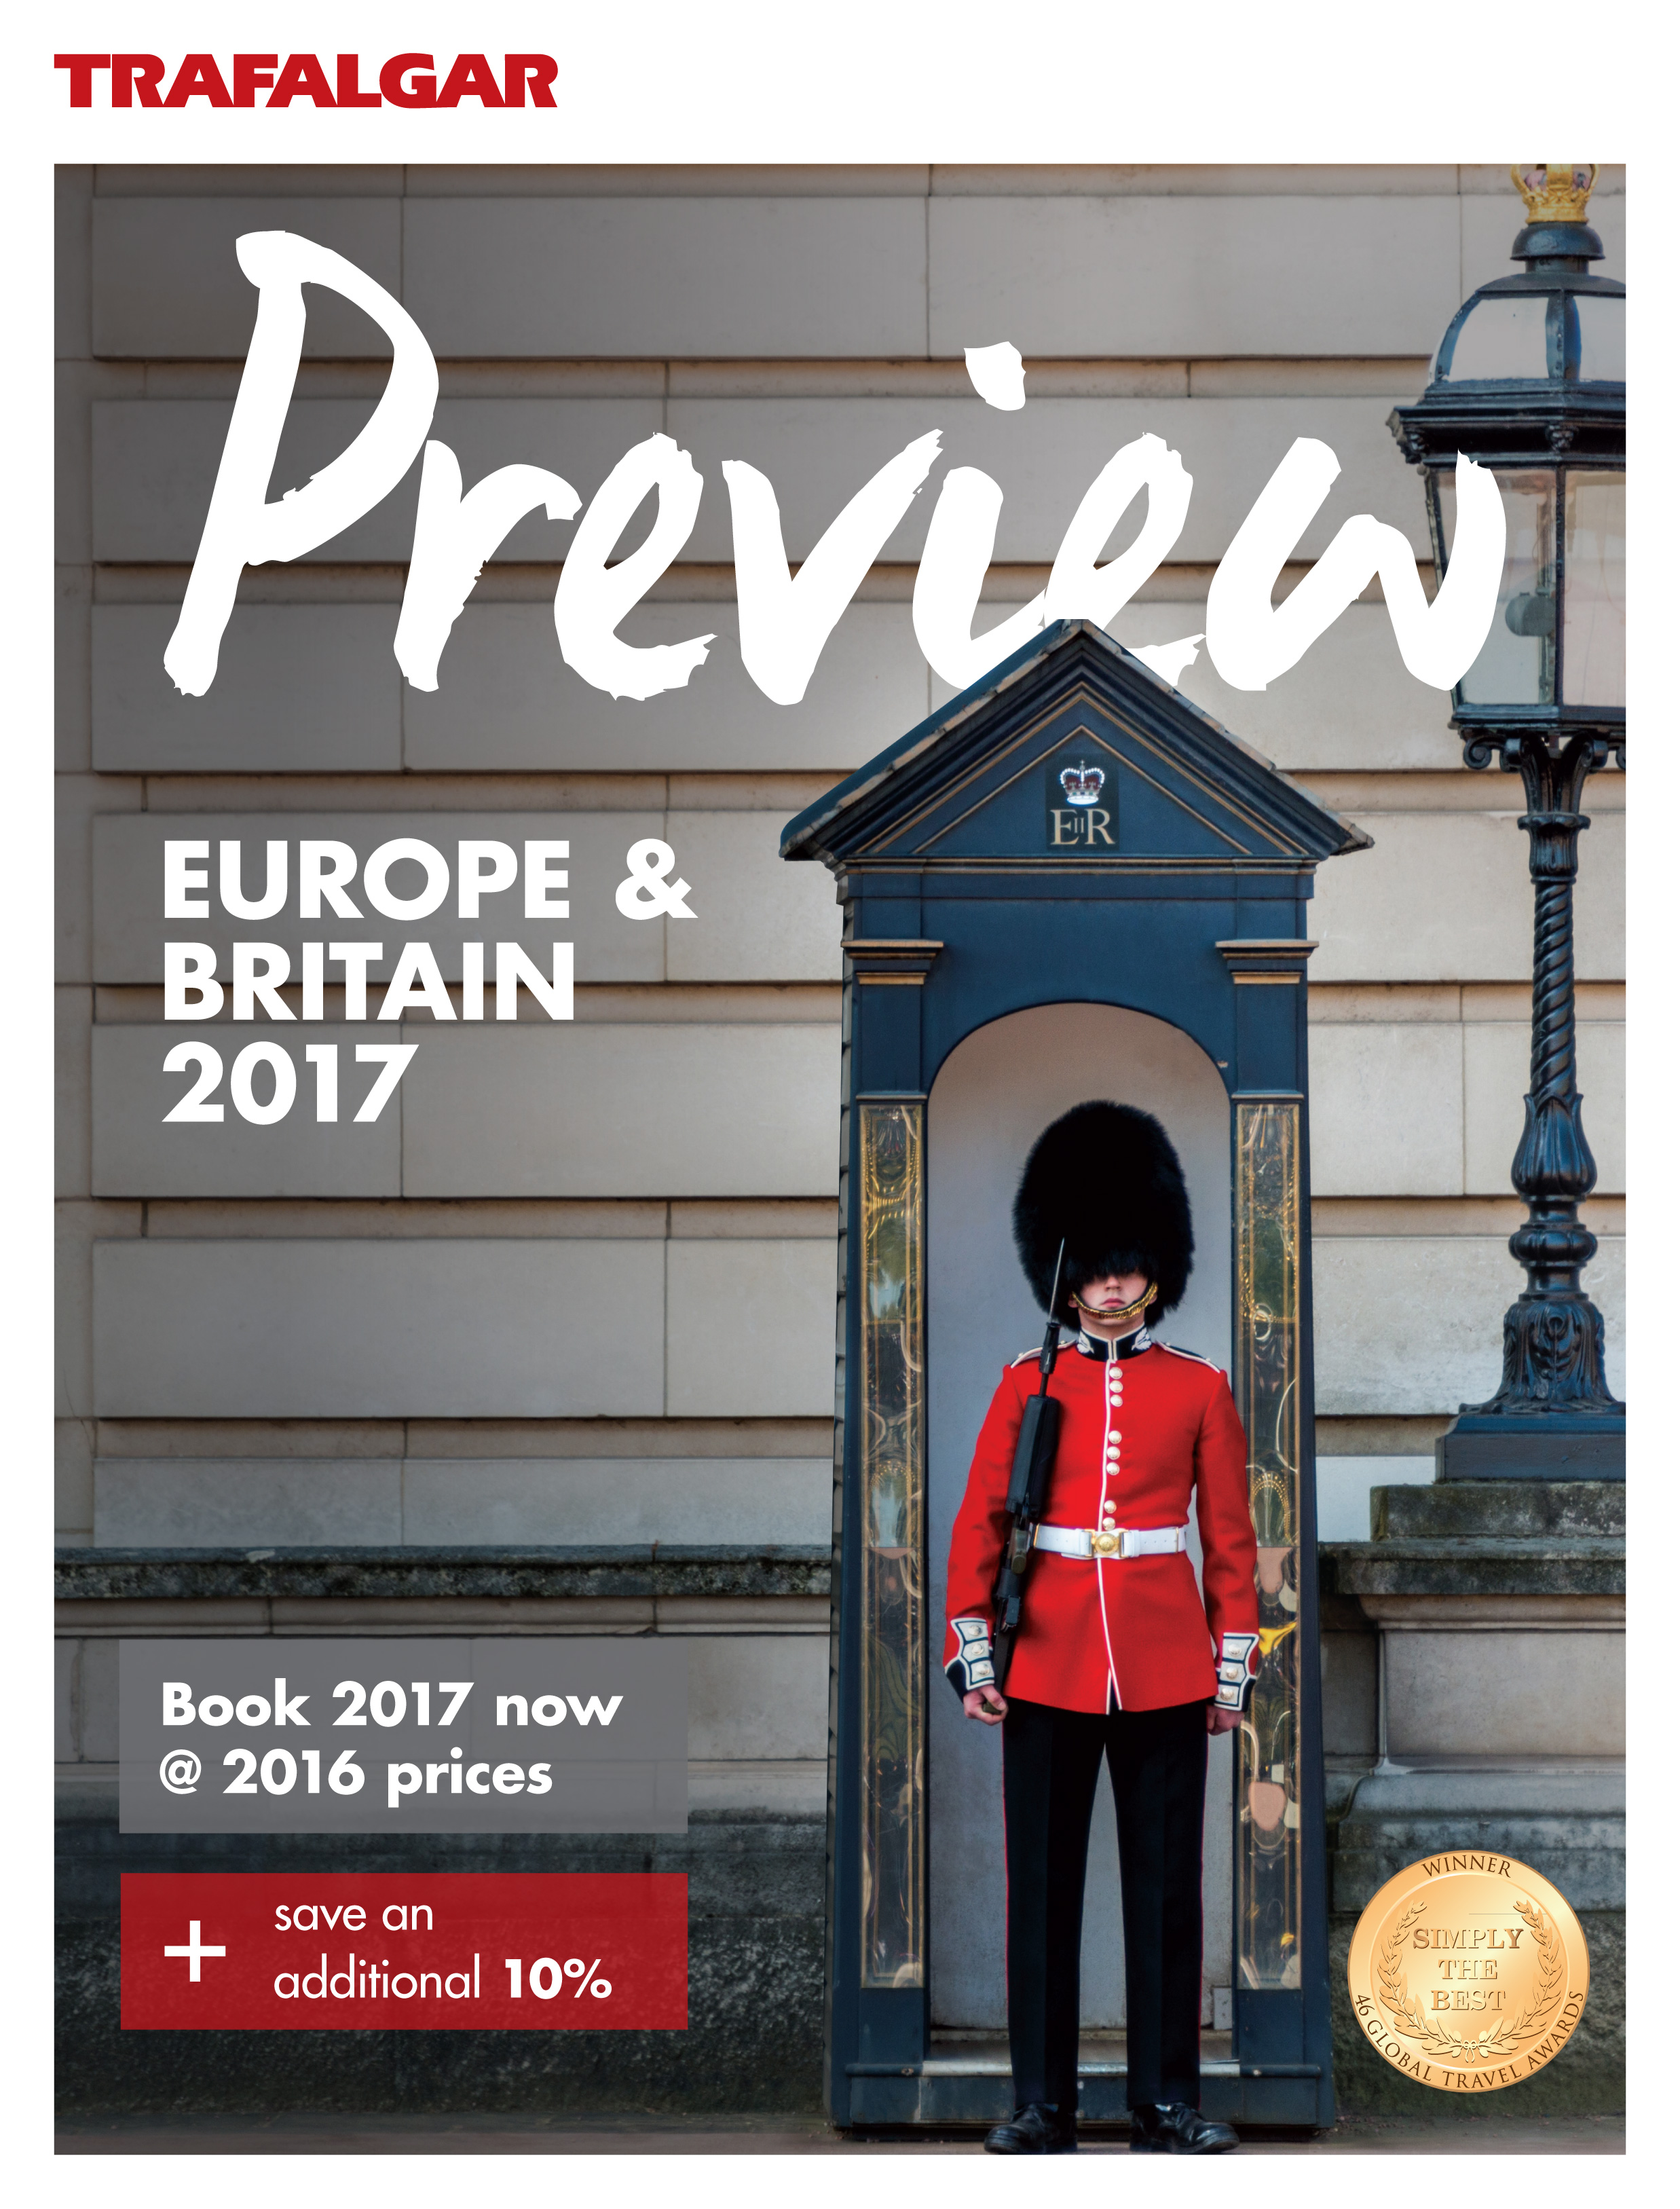 EUROPE & BRITAIN 2017